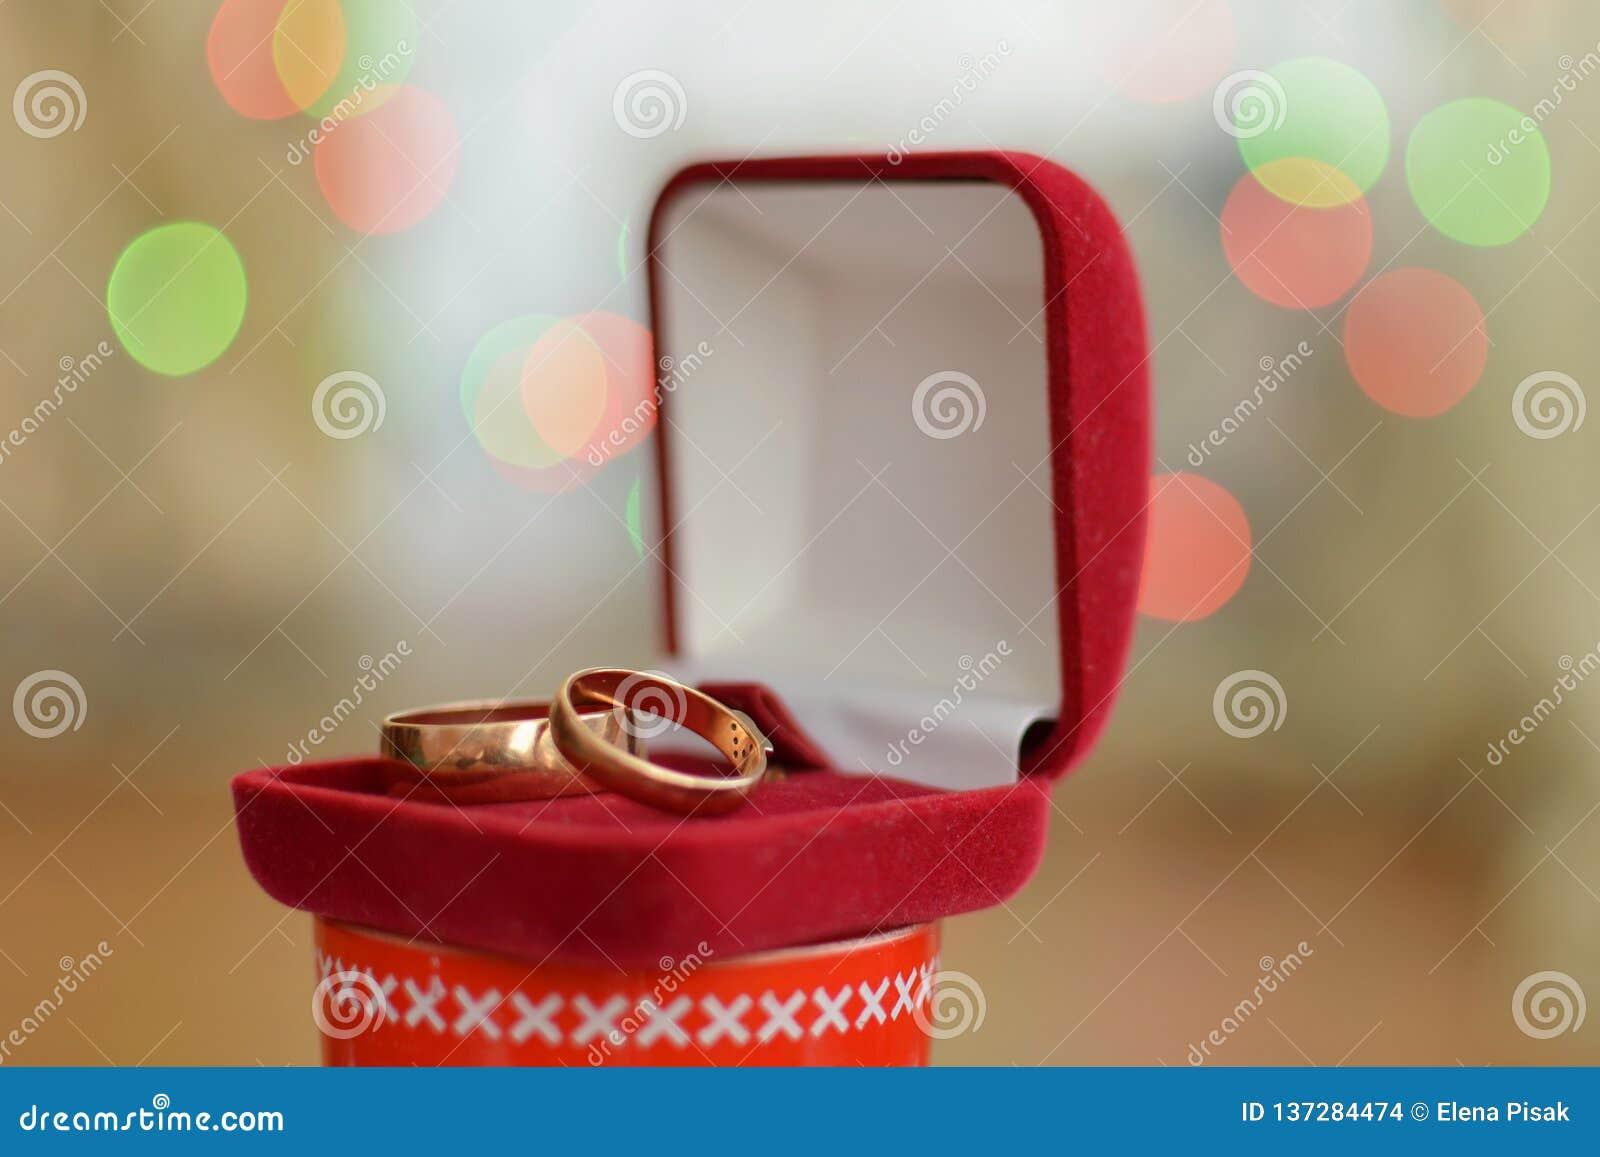 Eheringe in einer roten Geschenkbox mit einem Hintergrund bokeh der funkelnden Partei